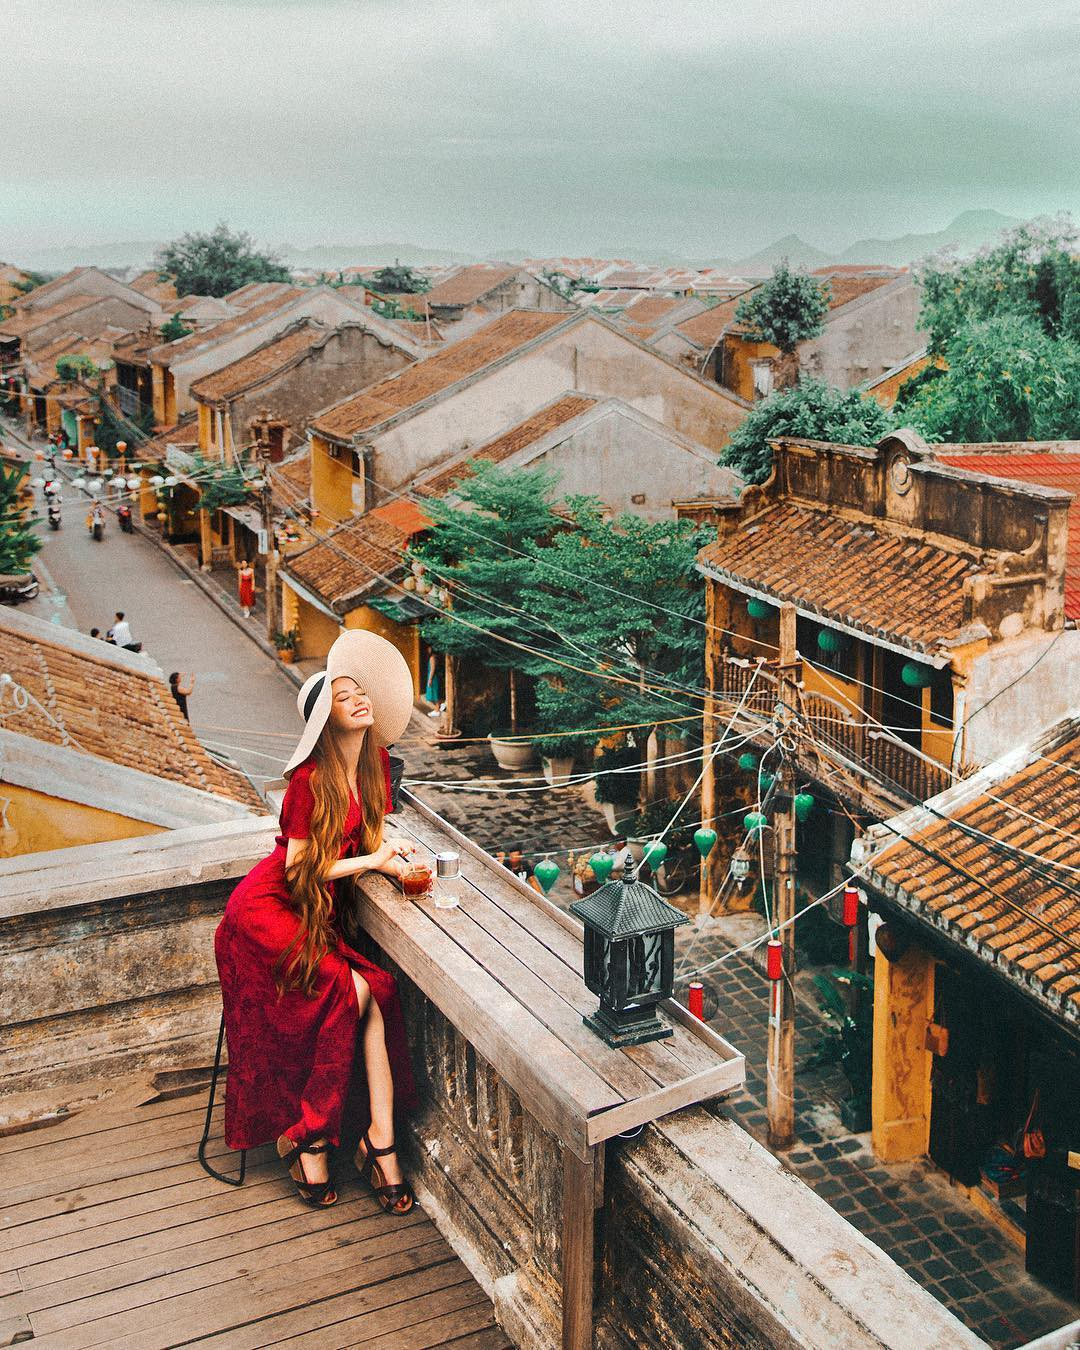 Thêm những bức ảnh đẹp mê mẩn của công chúa tóc mây Sarah Trần trong chuyến du hí Việt Nam - Ảnh 2.